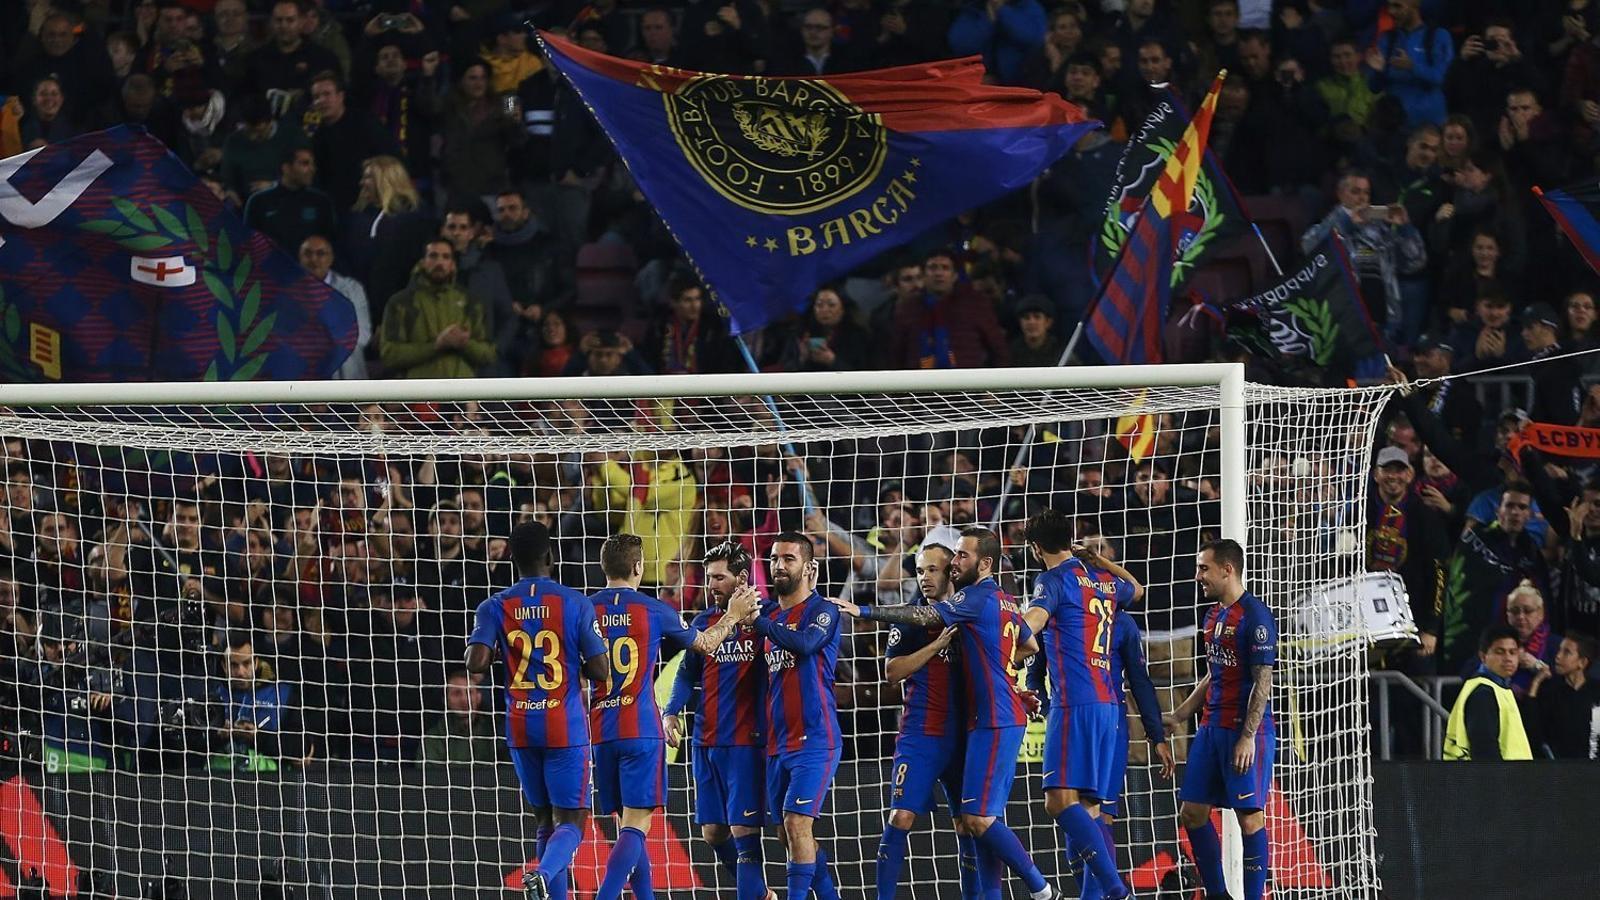 Després d'empatar amb el Madrid, el Barça es va llepar les ferides dimarts golejant el Gladbach a la Champions.